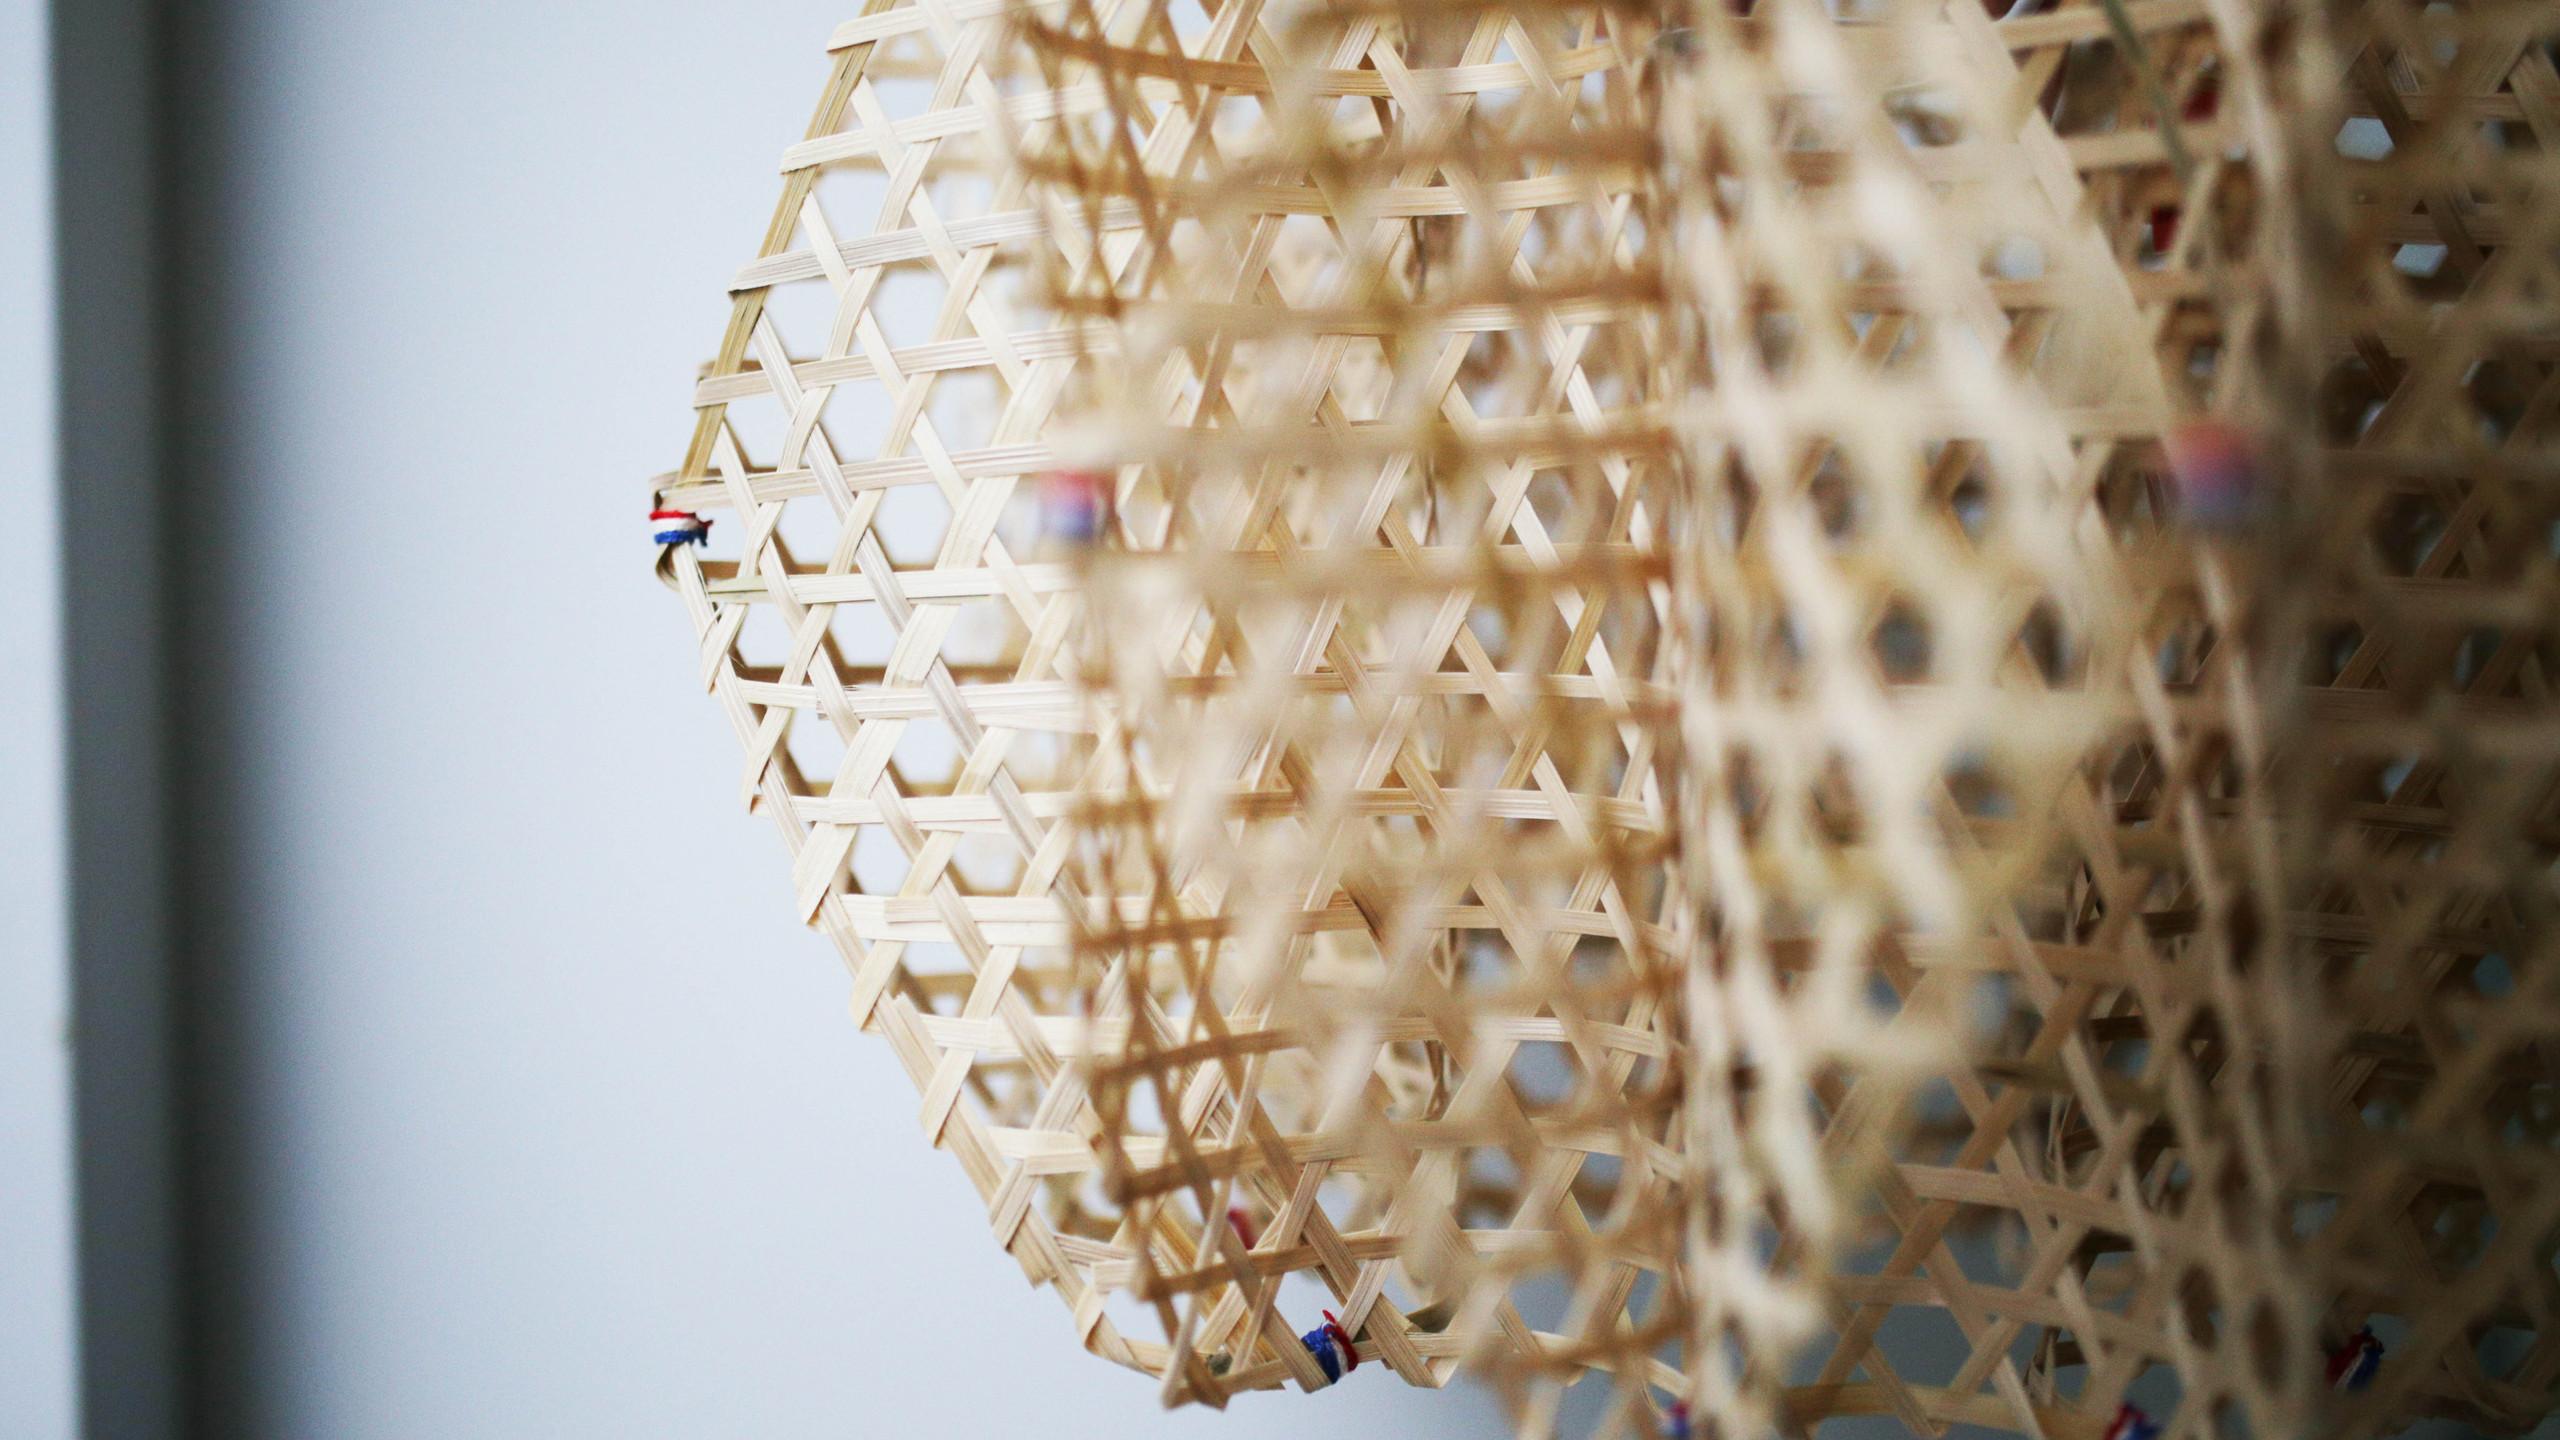 Bamboo decor 竹藝裝飾